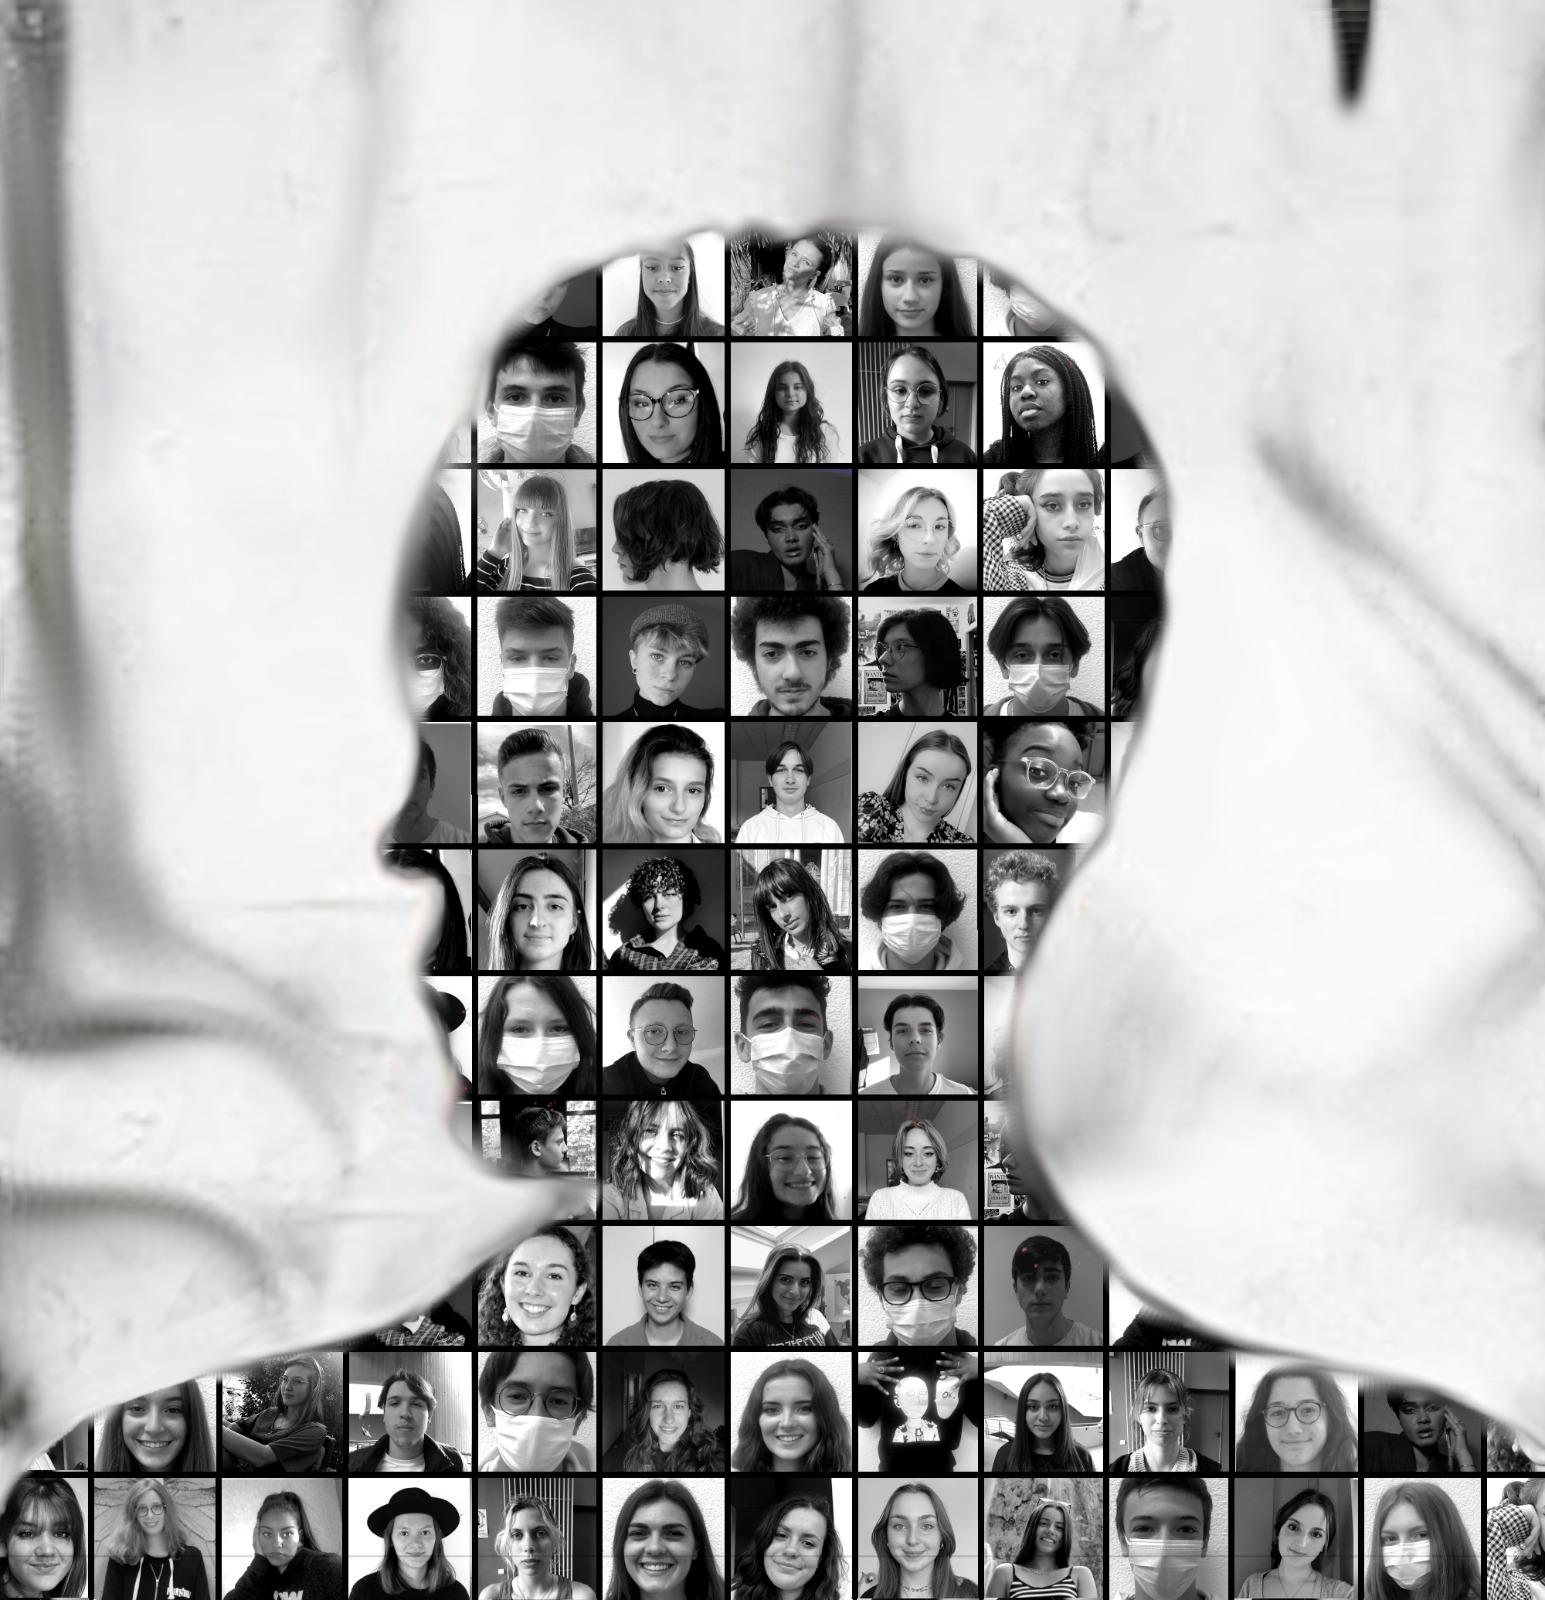 Montage photo des élèves du lycée Blaise Pascal (Charbonnières-les-Bains)